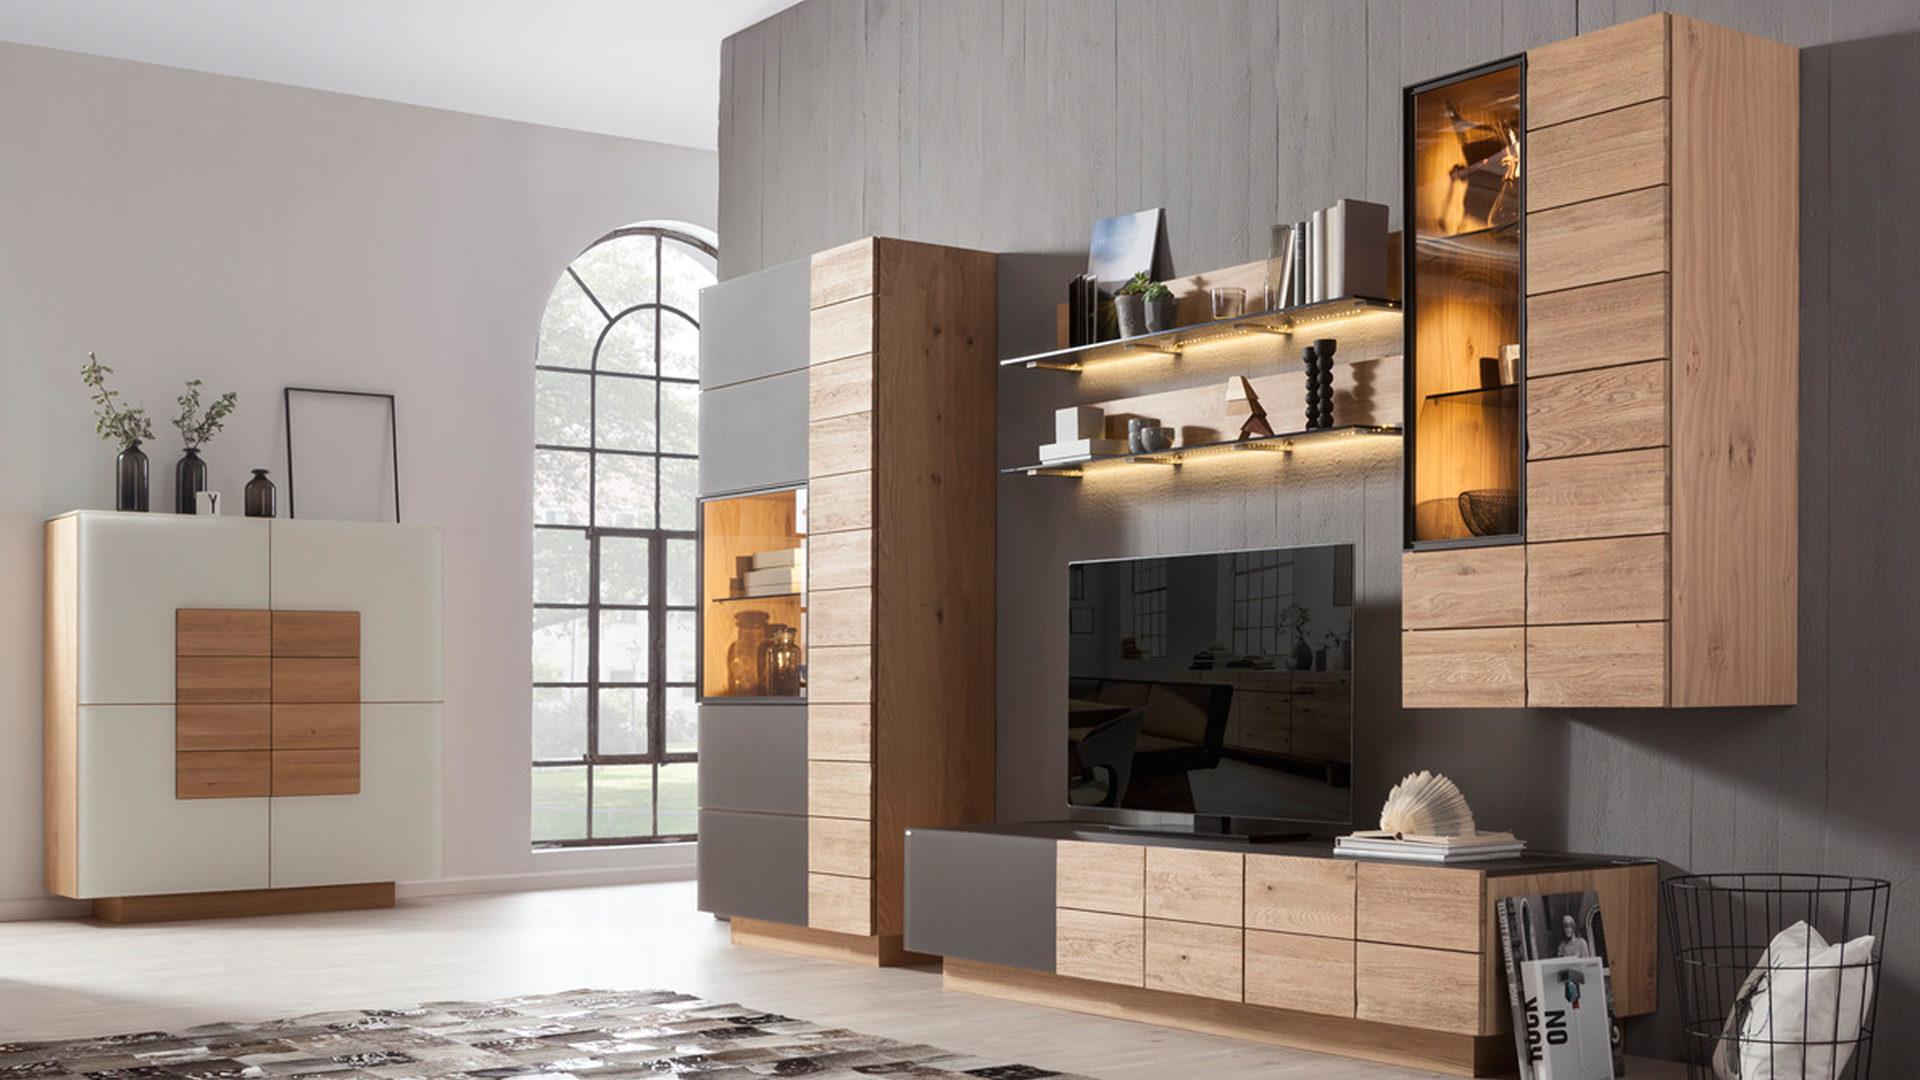 Möbel Arenz, Interliving, Wohnzimmer, Highboards, VOGLAUER ...